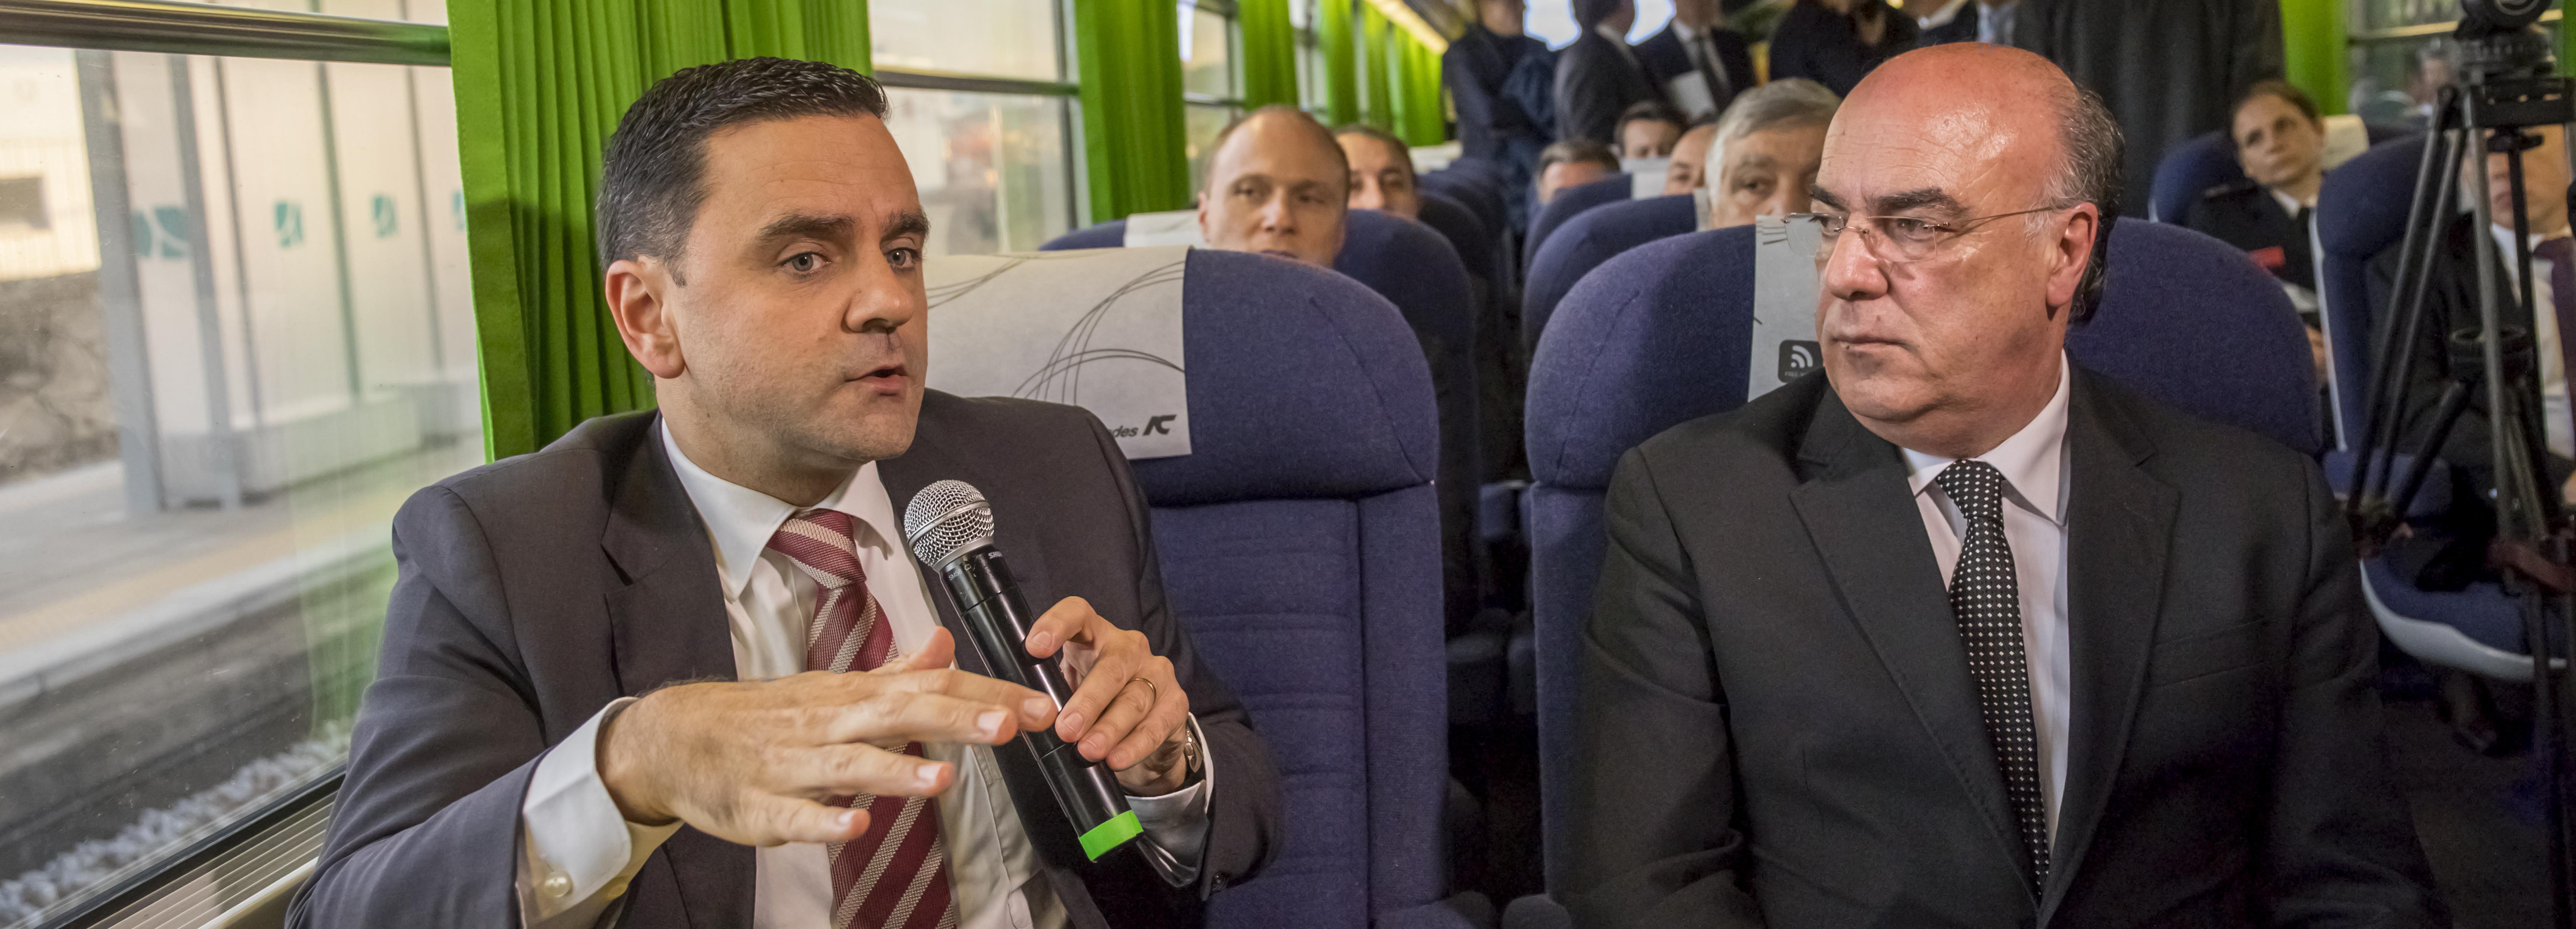 Ministro do Planeamento e Infraestruturas anuncia paragem do intercidades em Barcelos